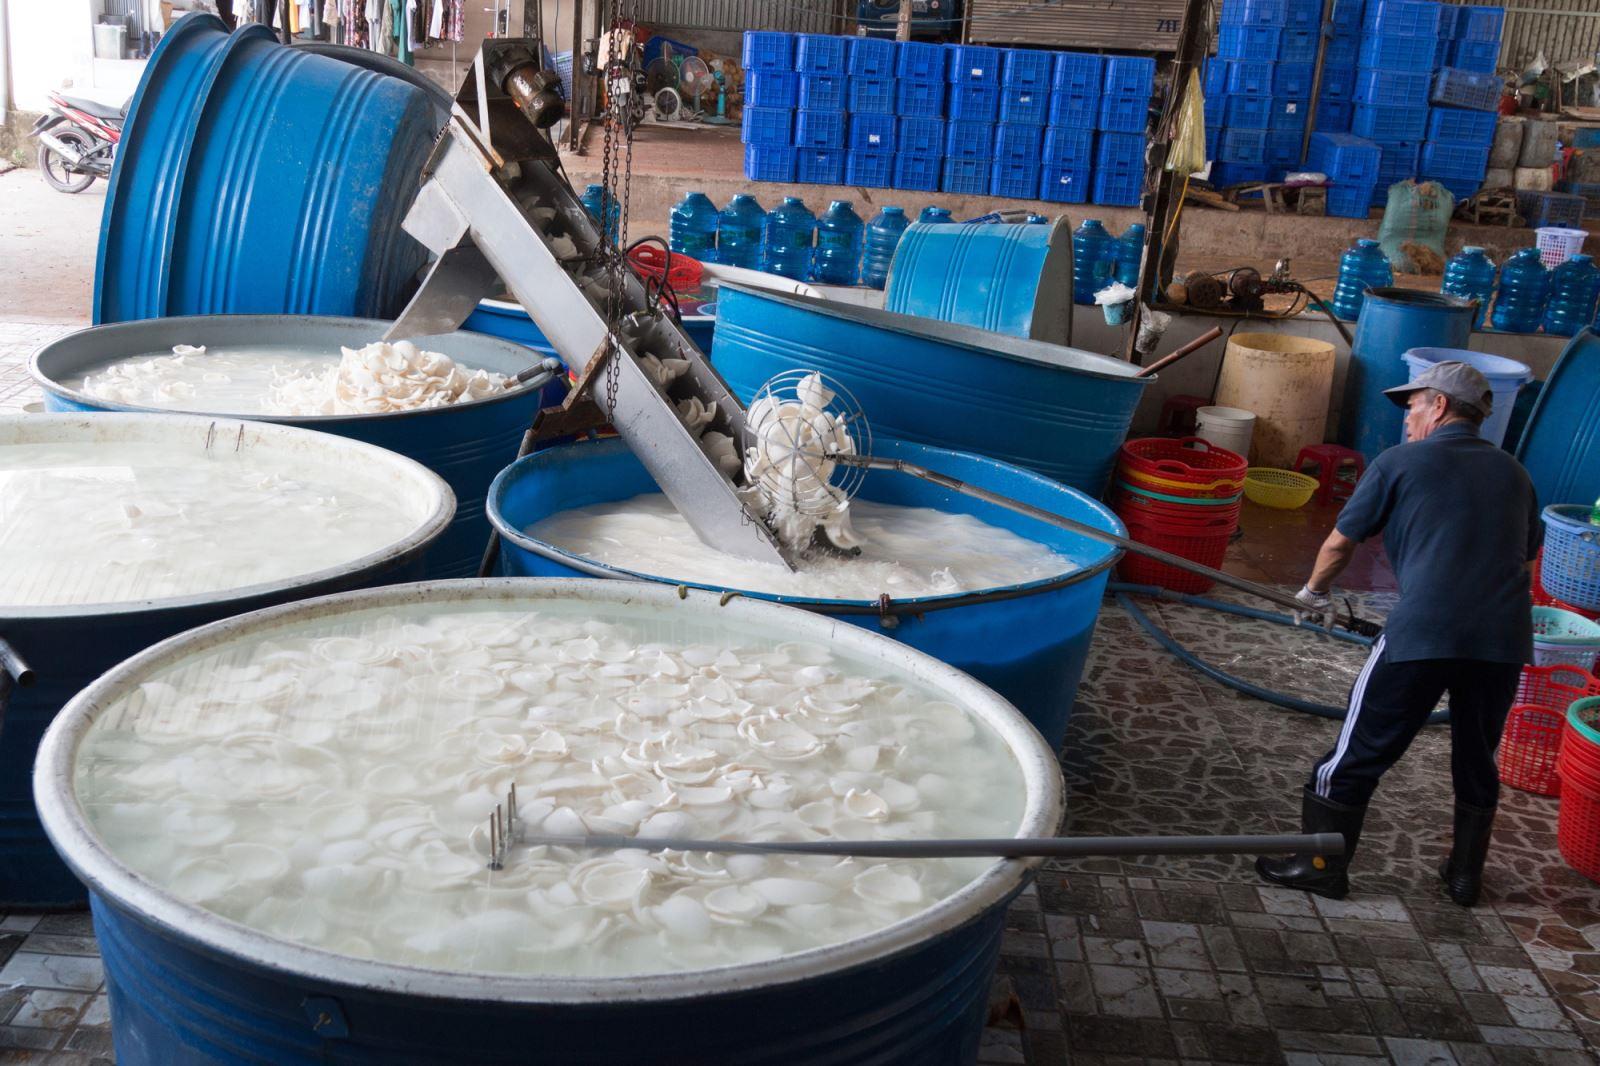 Cơm dừa được rửa sạch sẽ trước khi đóng thùng cung cấp cho các nhà máy.